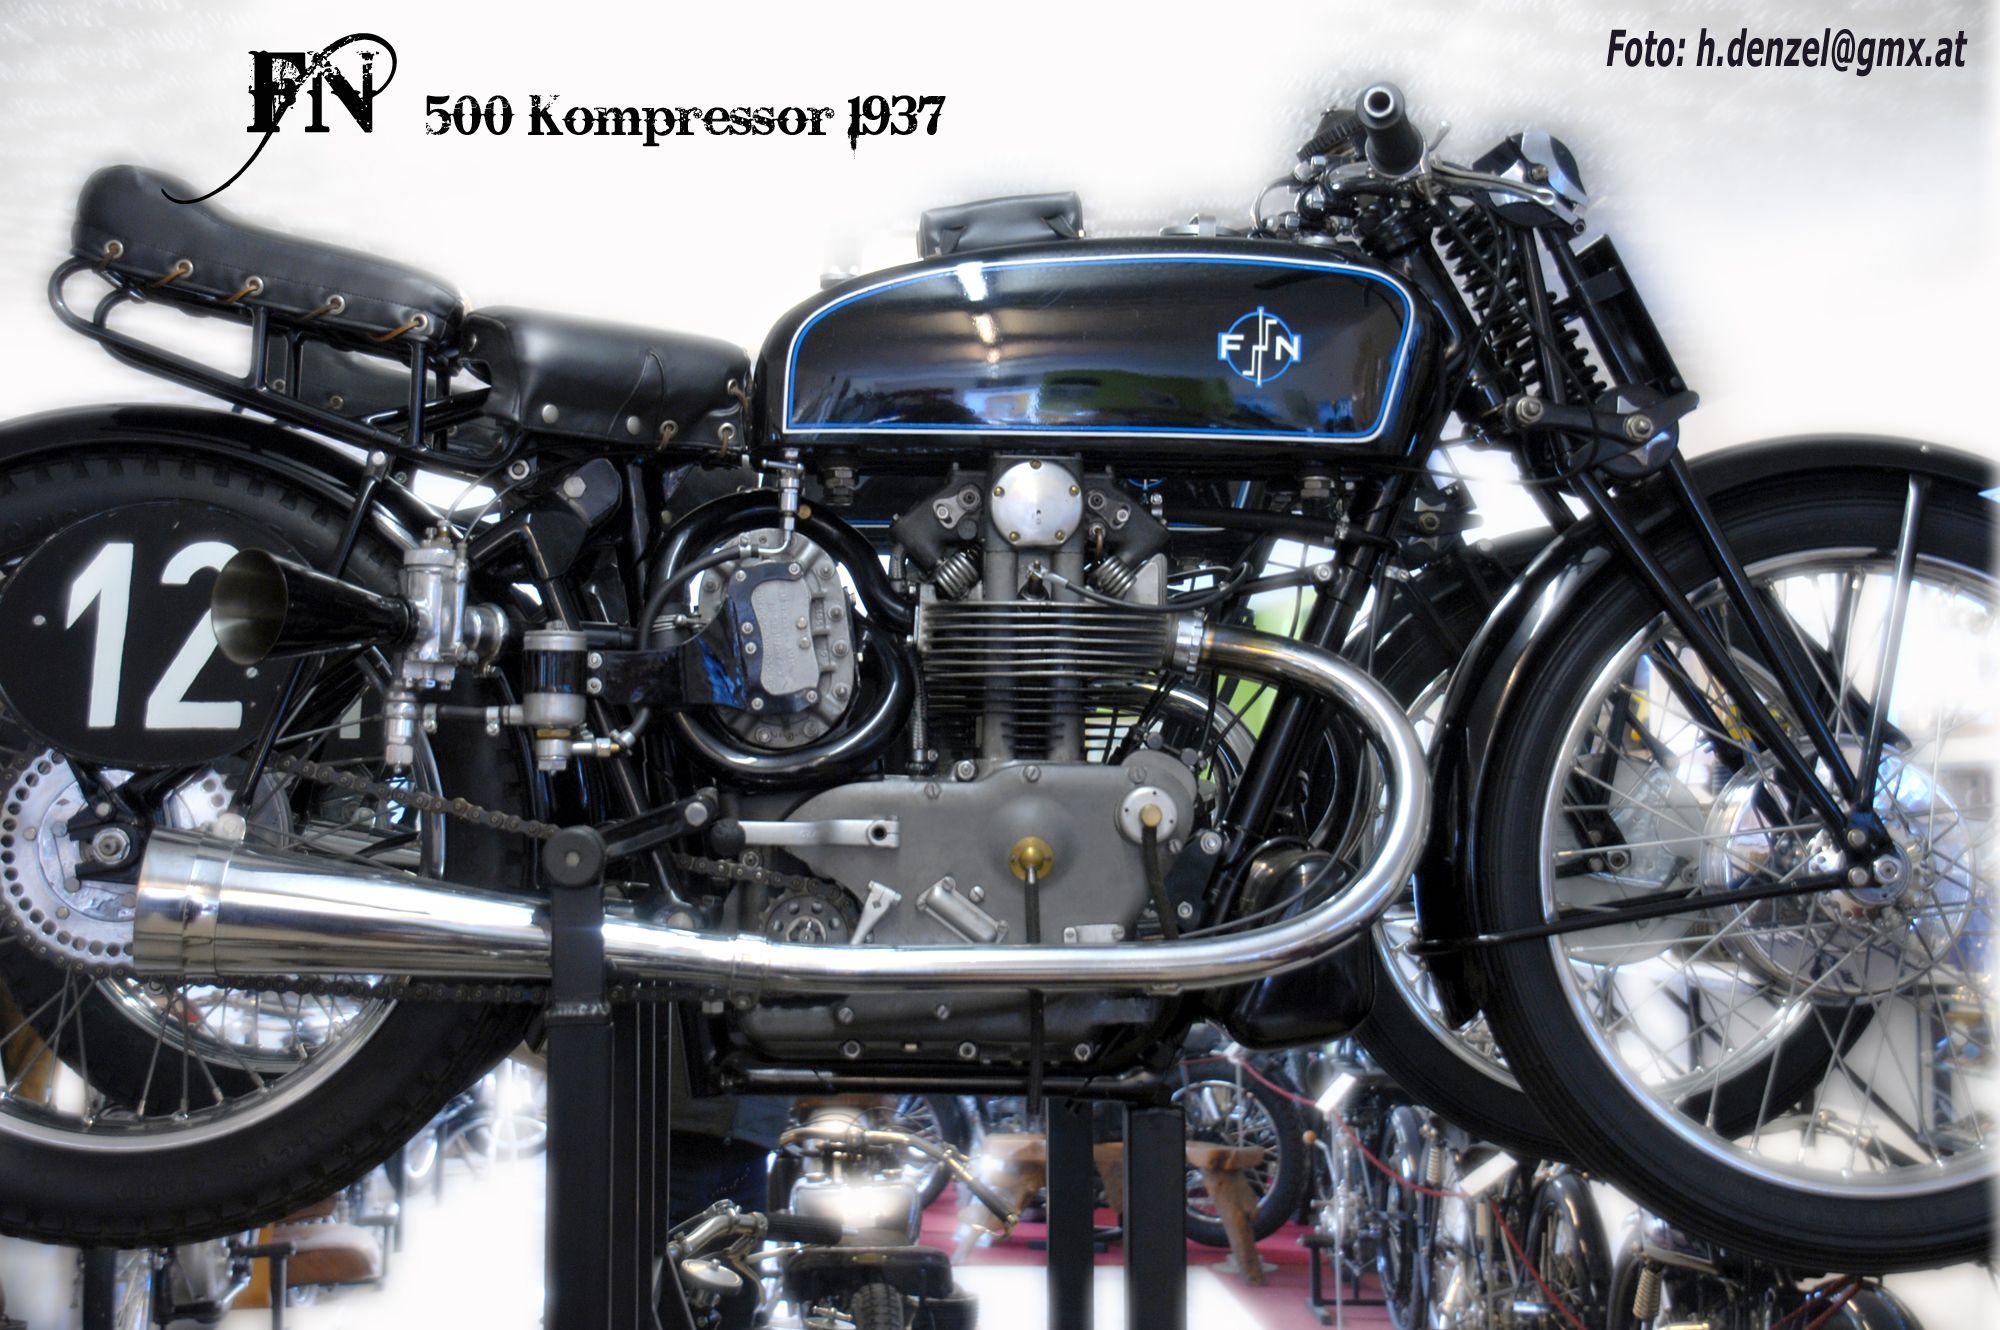 fn 500 kompressor 1937 kompressor oldtimer und motorrad. Black Bedroom Furniture Sets. Home Design Ideas